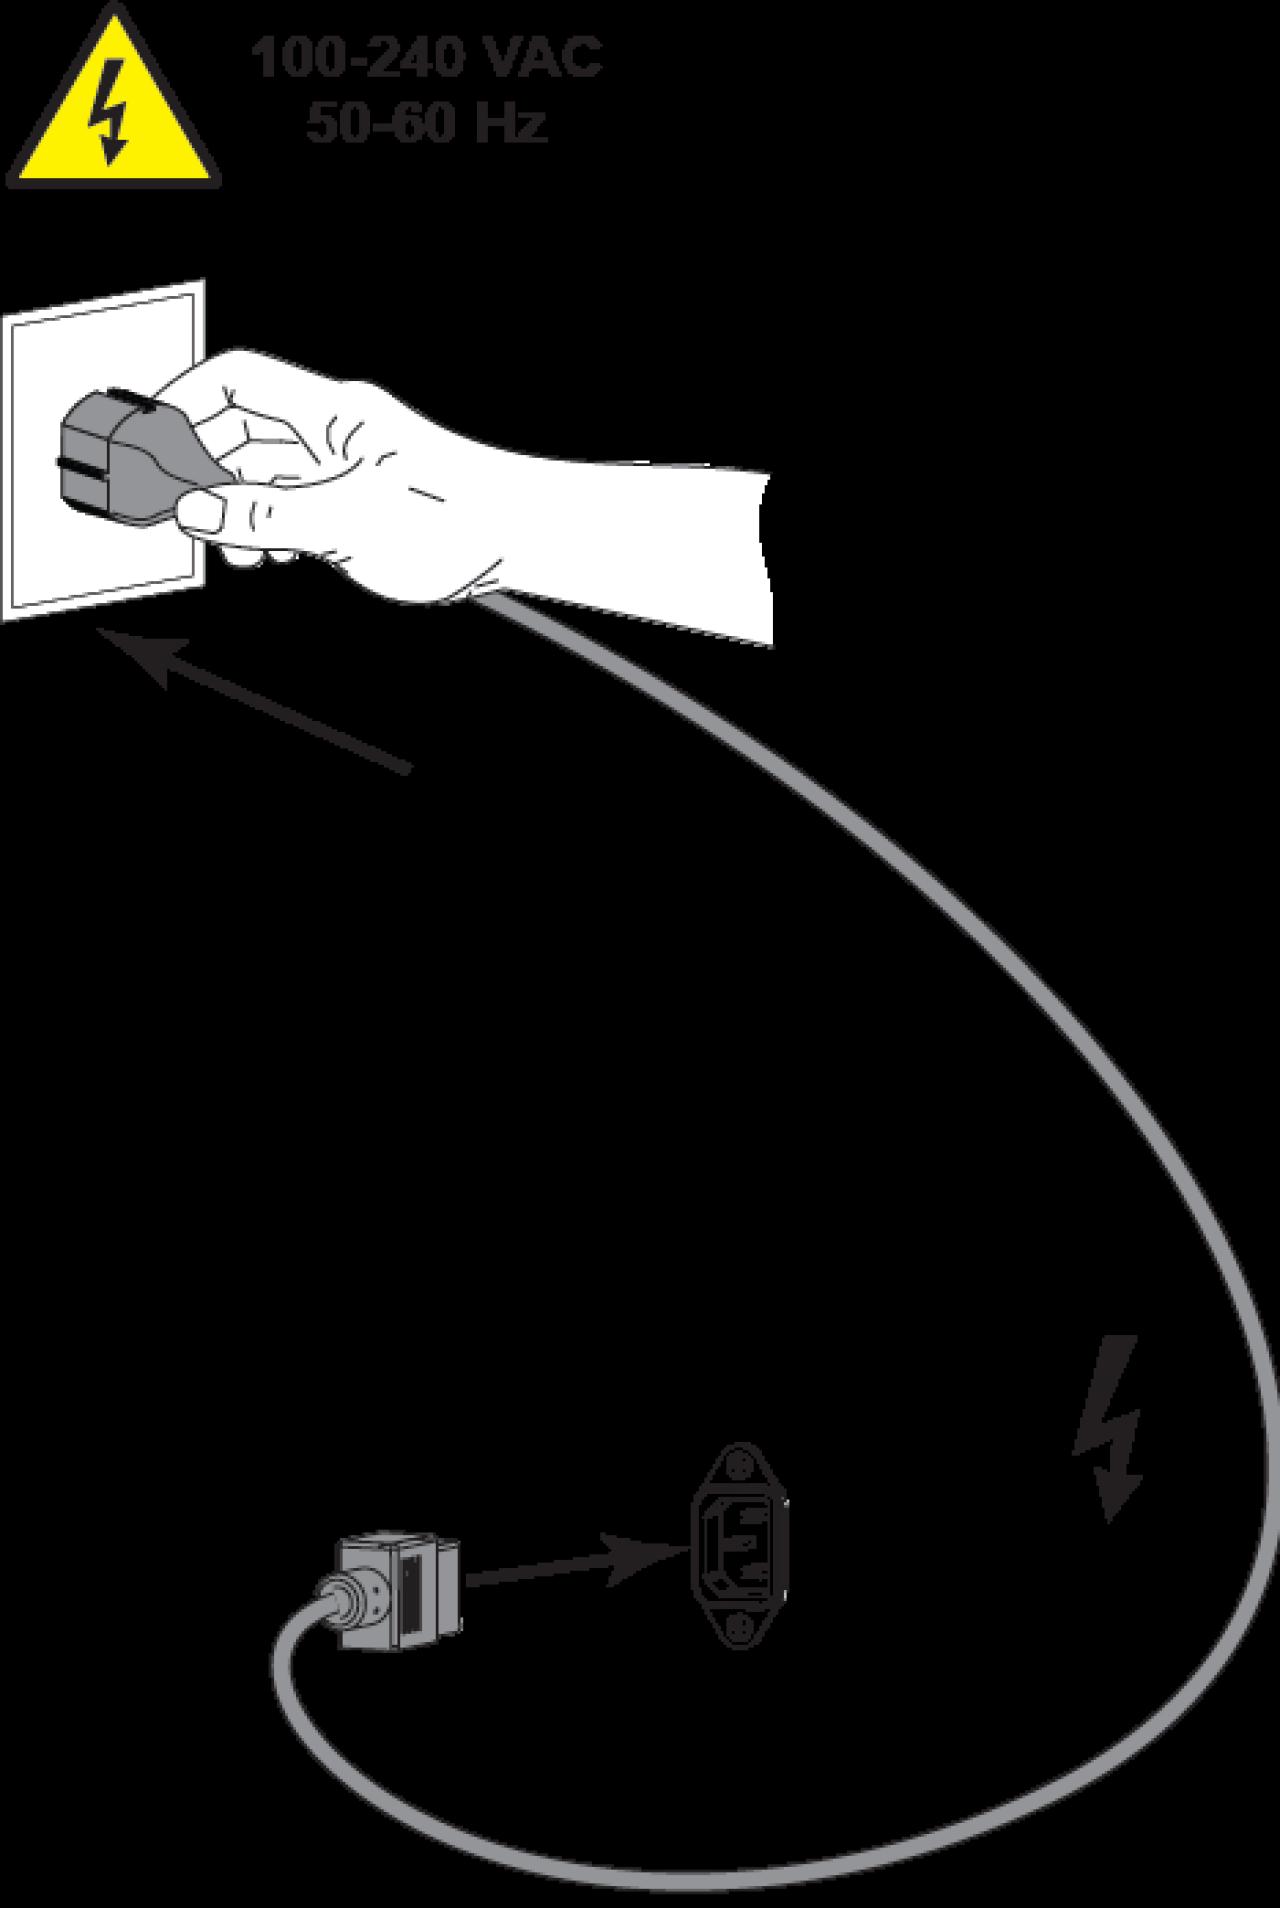 プリンタ図面の接続